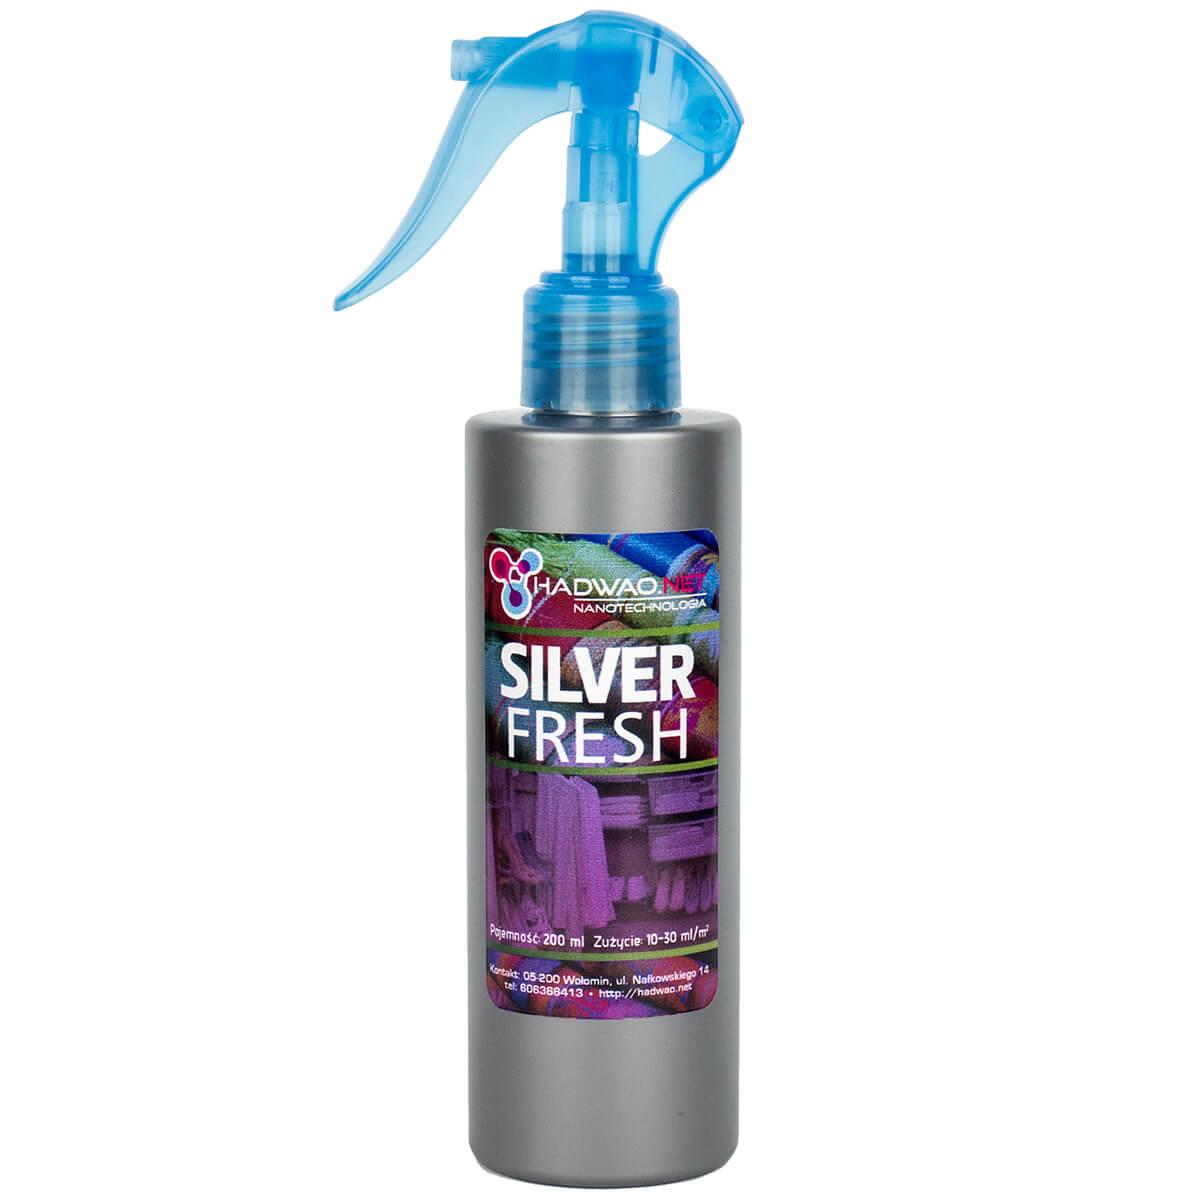 Silver Fresh Hadwao Odświeżacz Powietrza Tkanin Odzieży I Obuwia